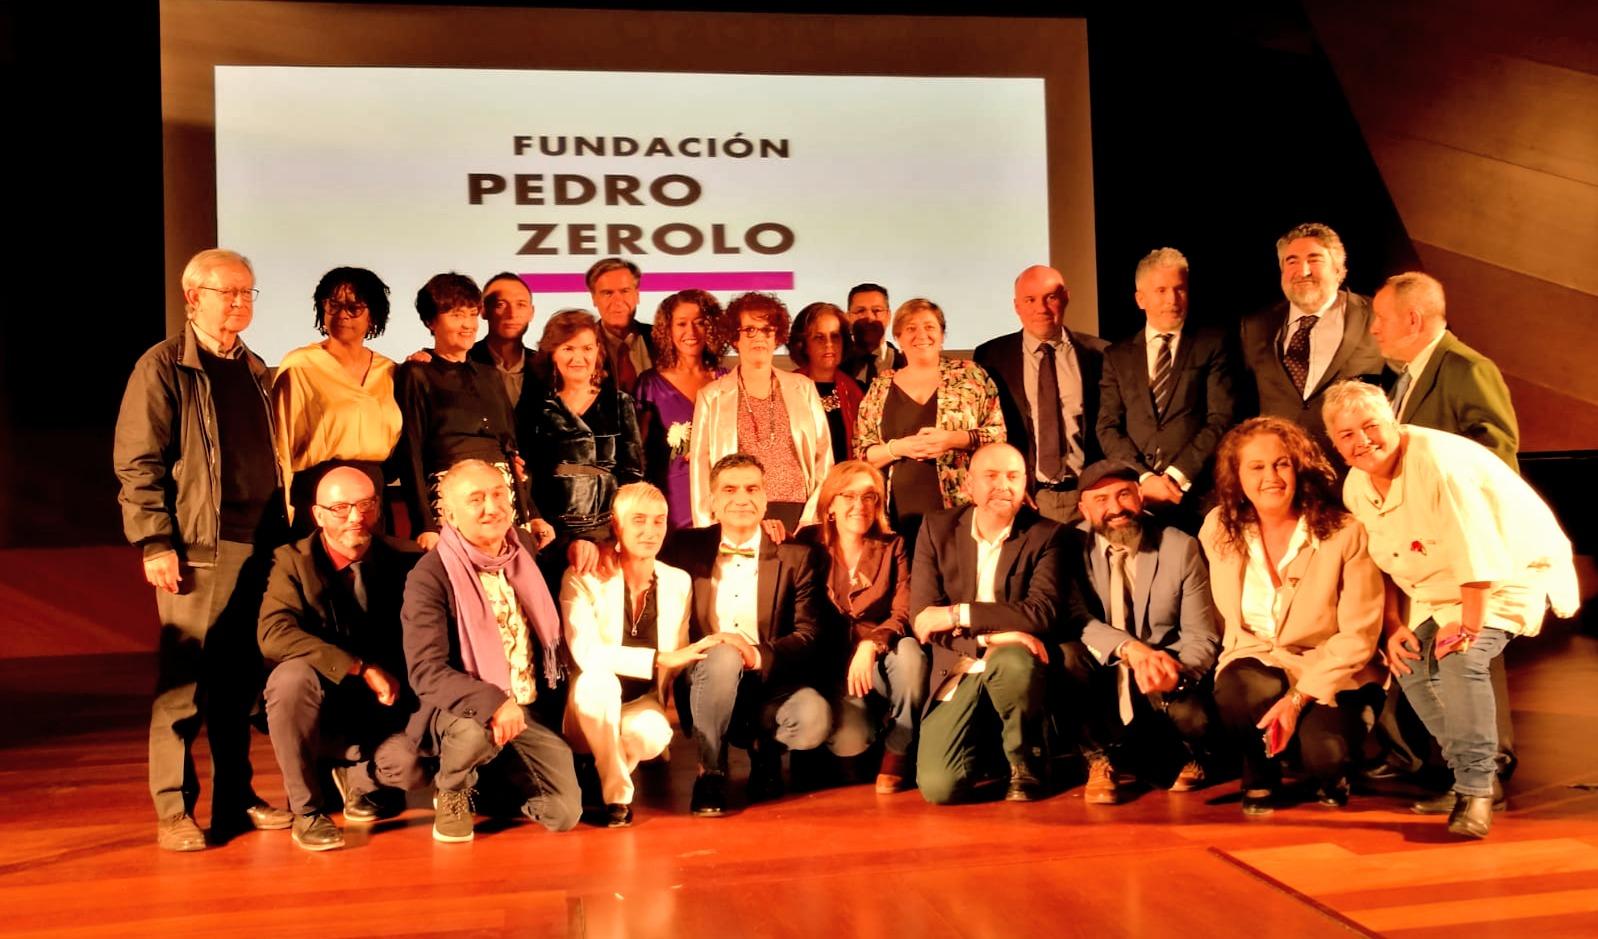 Presentación Pedro Zerolo Fundación